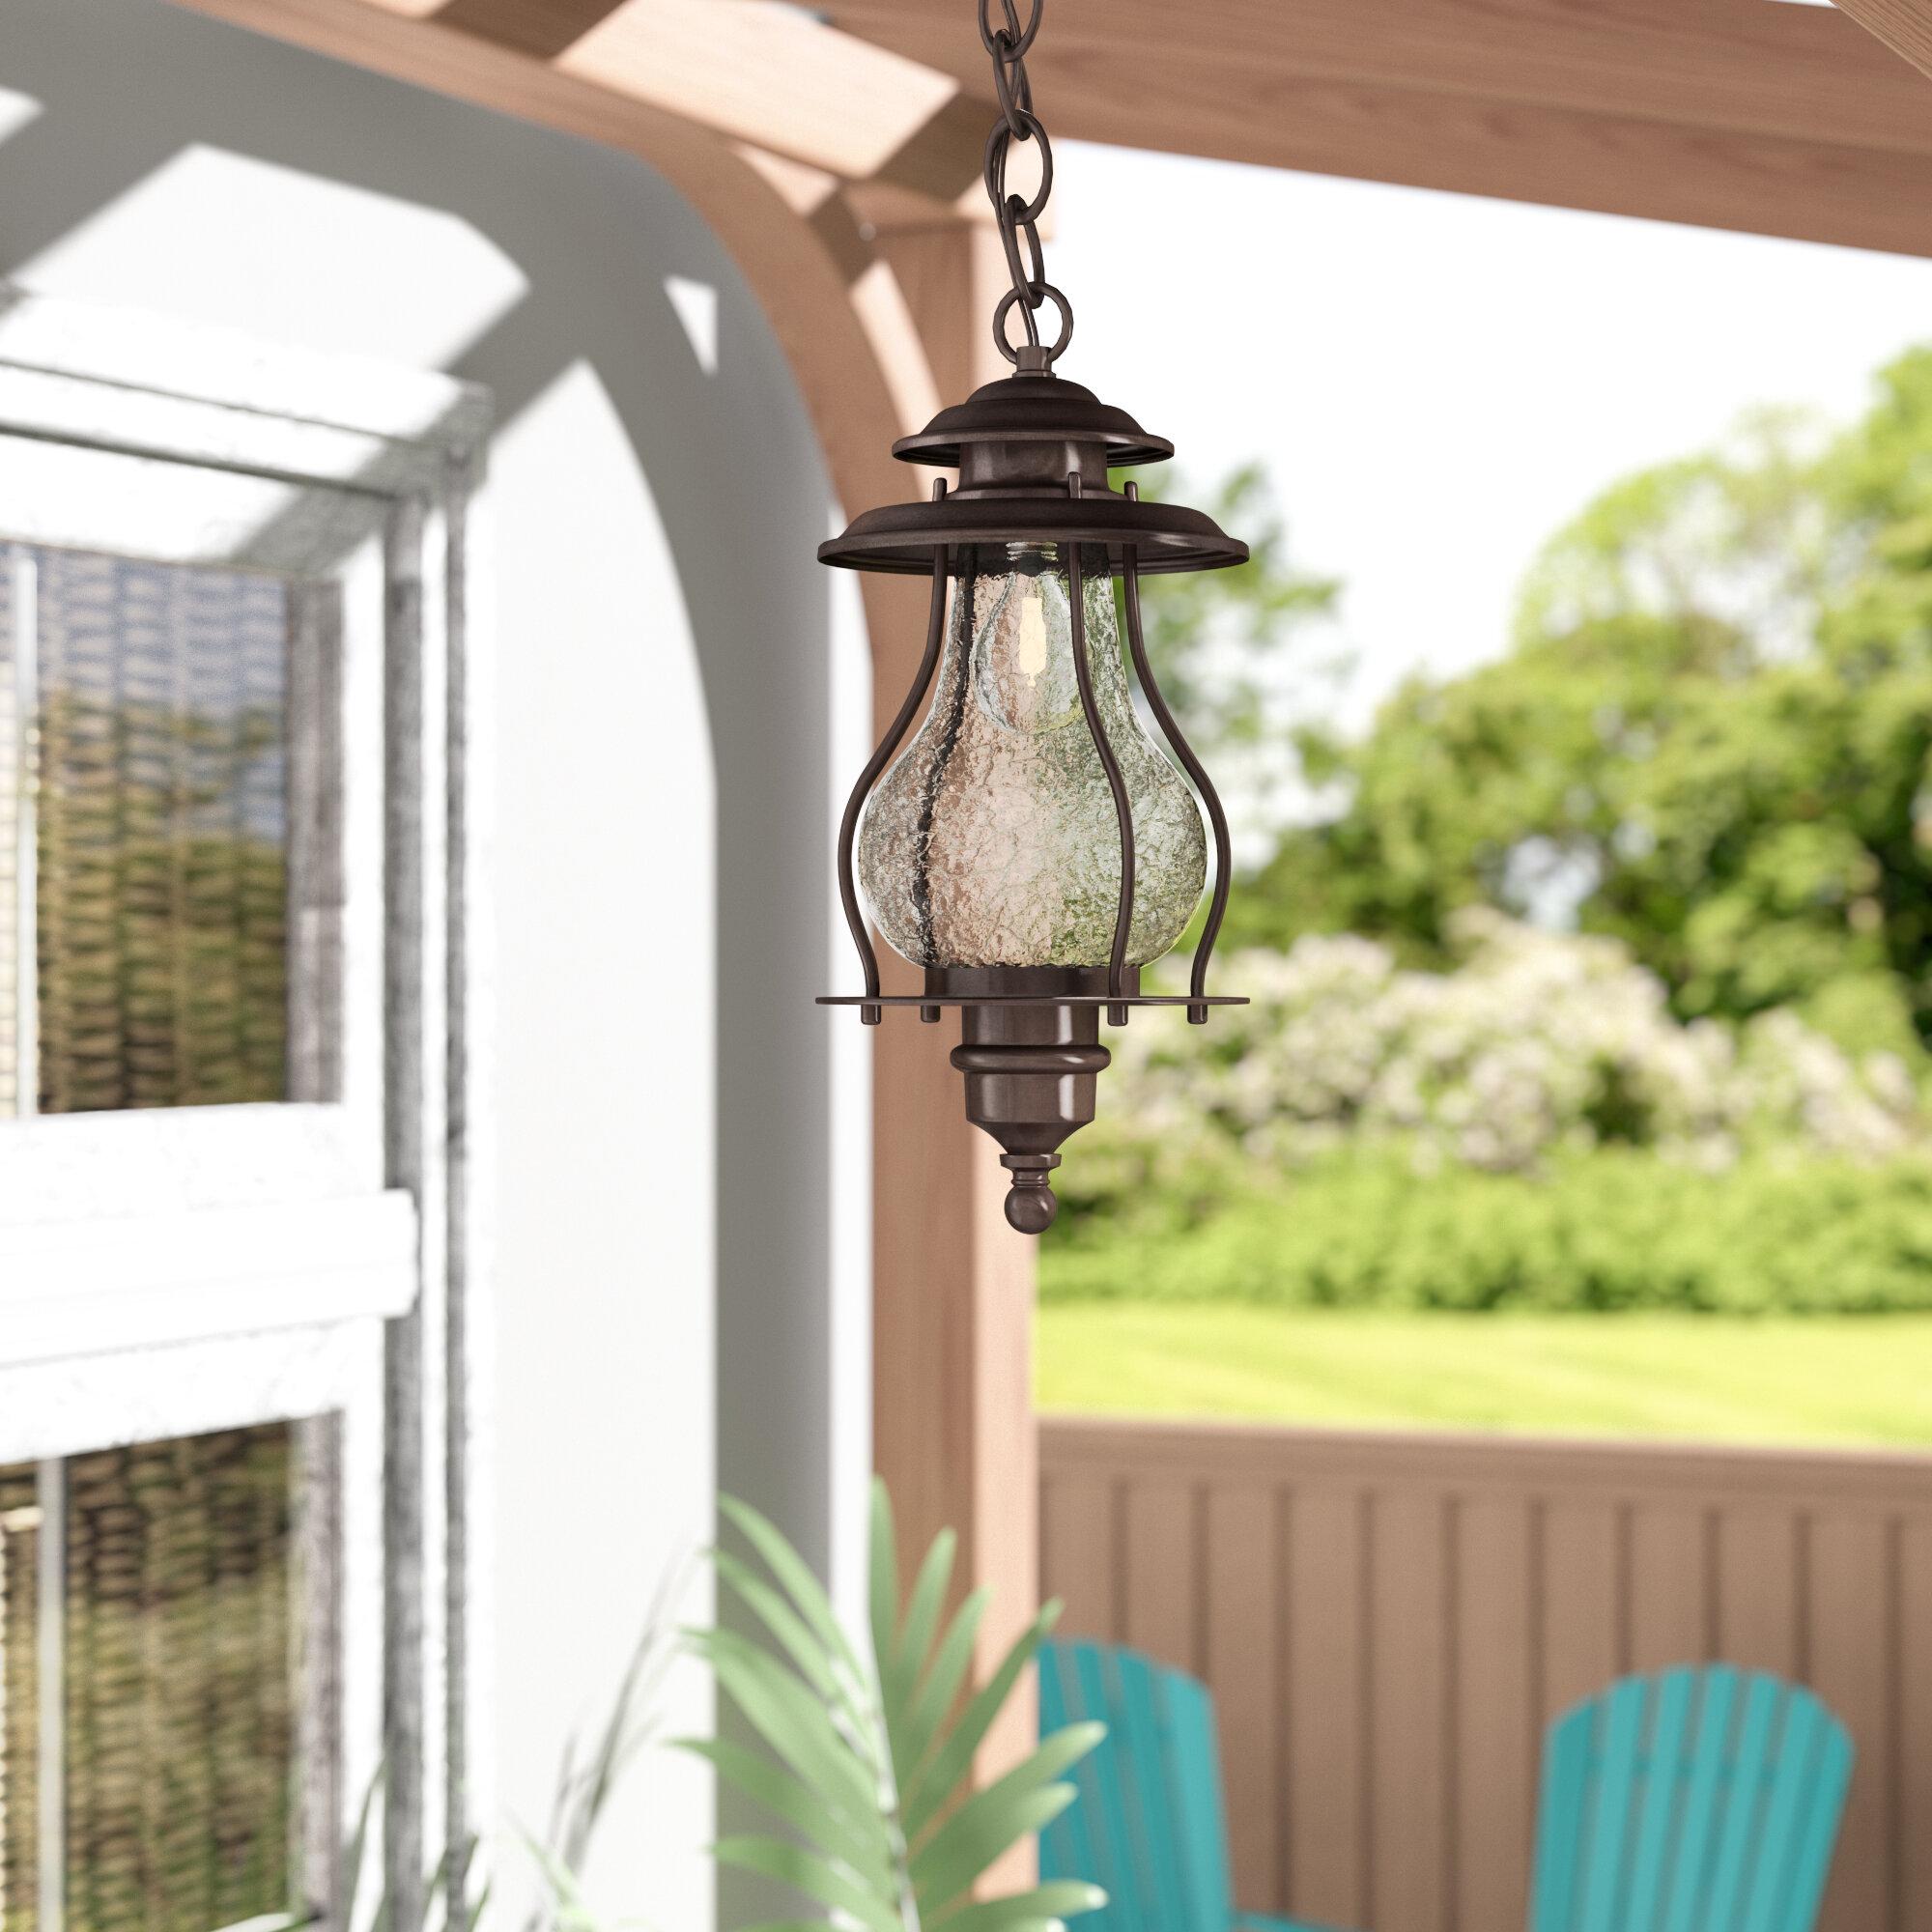 Beachcrest Home Kentwood 1 Bulb 16 5 H Outdoor Hanging Lantern Reviews Wayfair